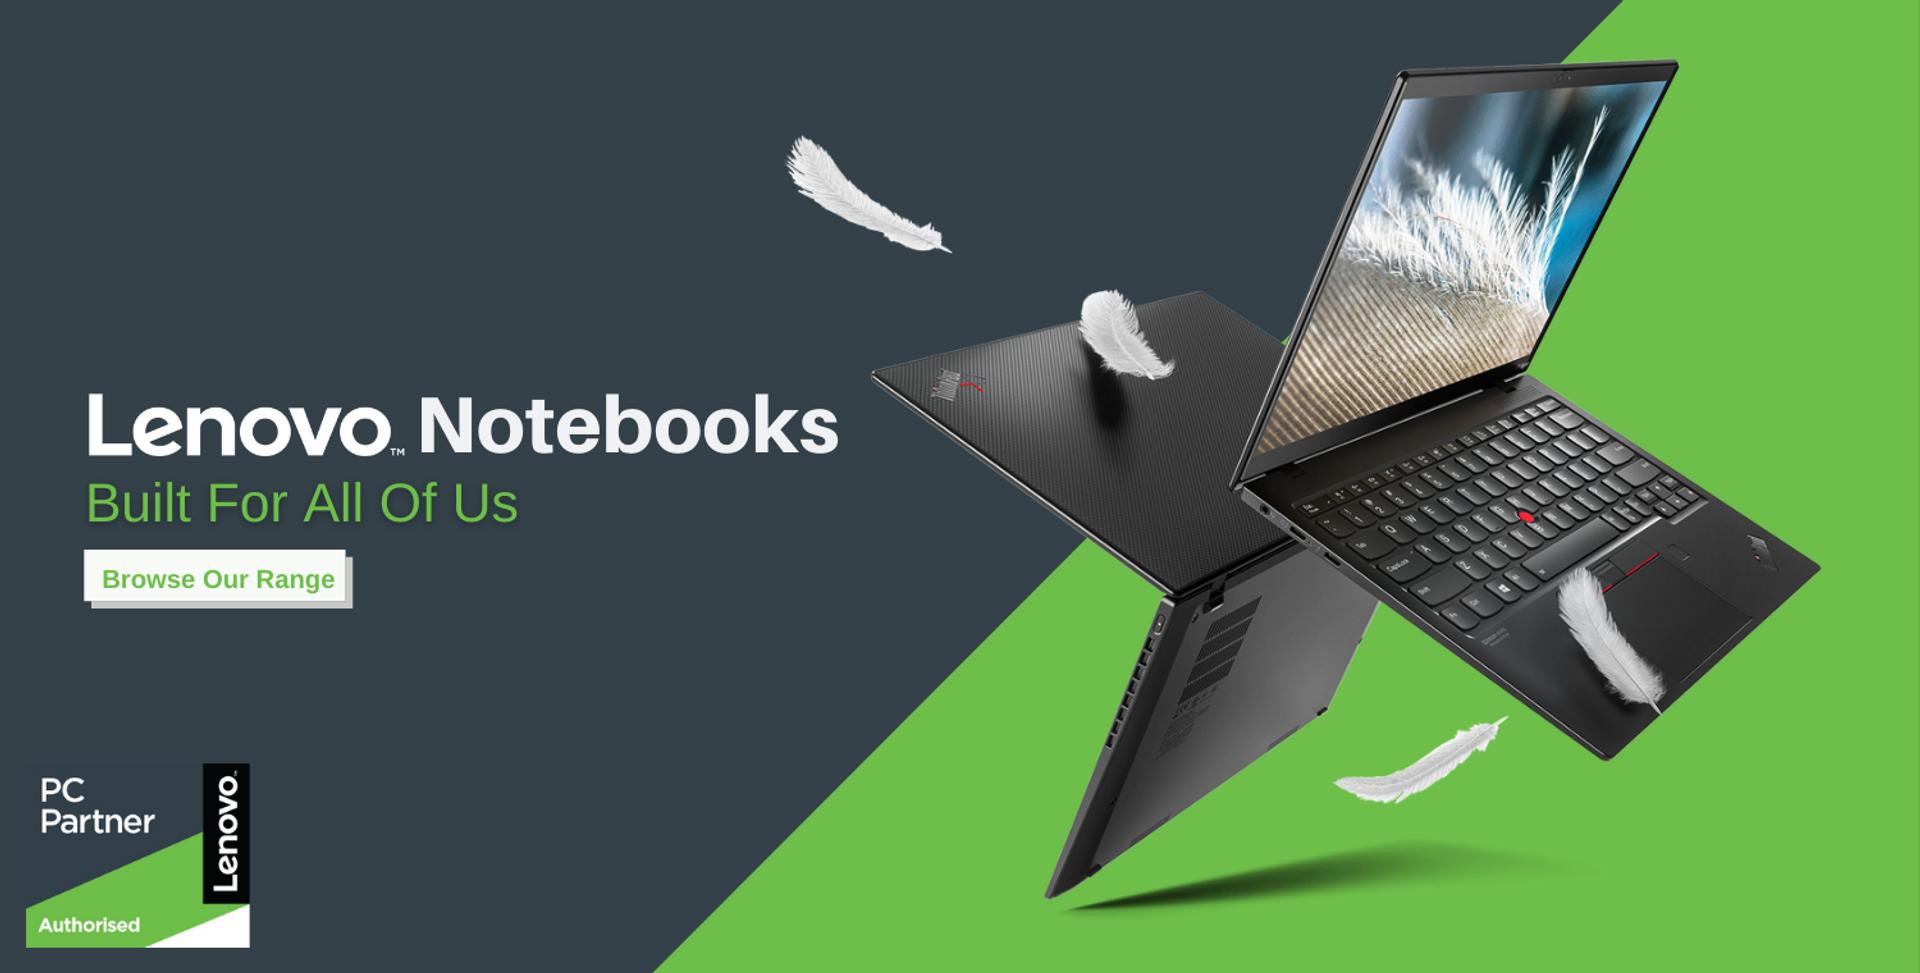 Lenovo Notebooks: Built for All of Us